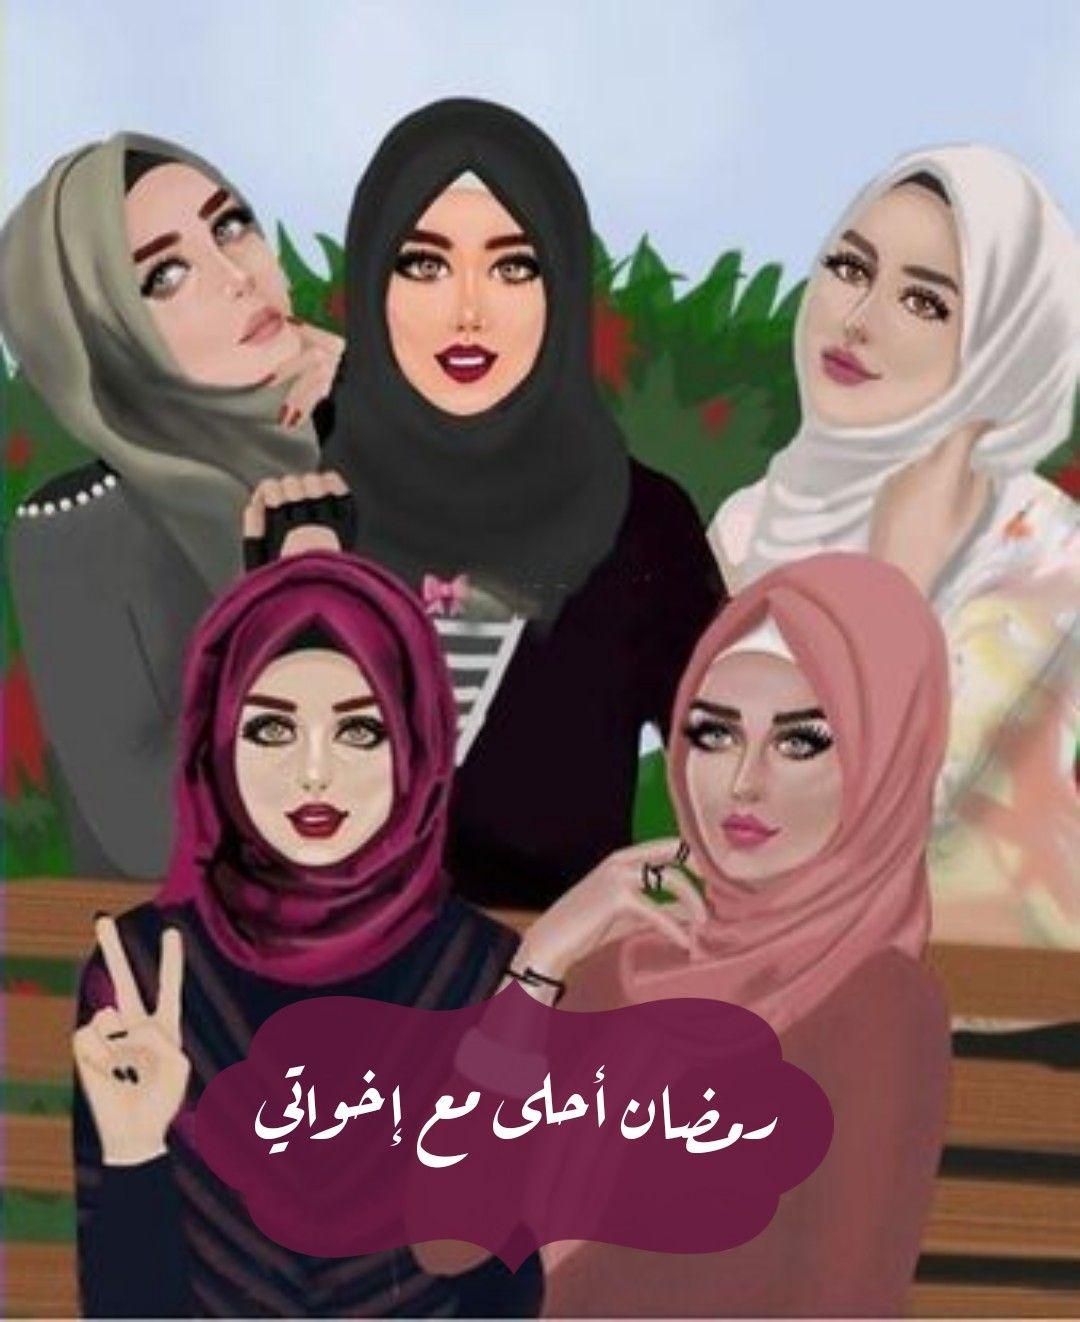 رمضان احلى مع اخواتي Friends Forever Quotes Friends Forever Forever Quotes